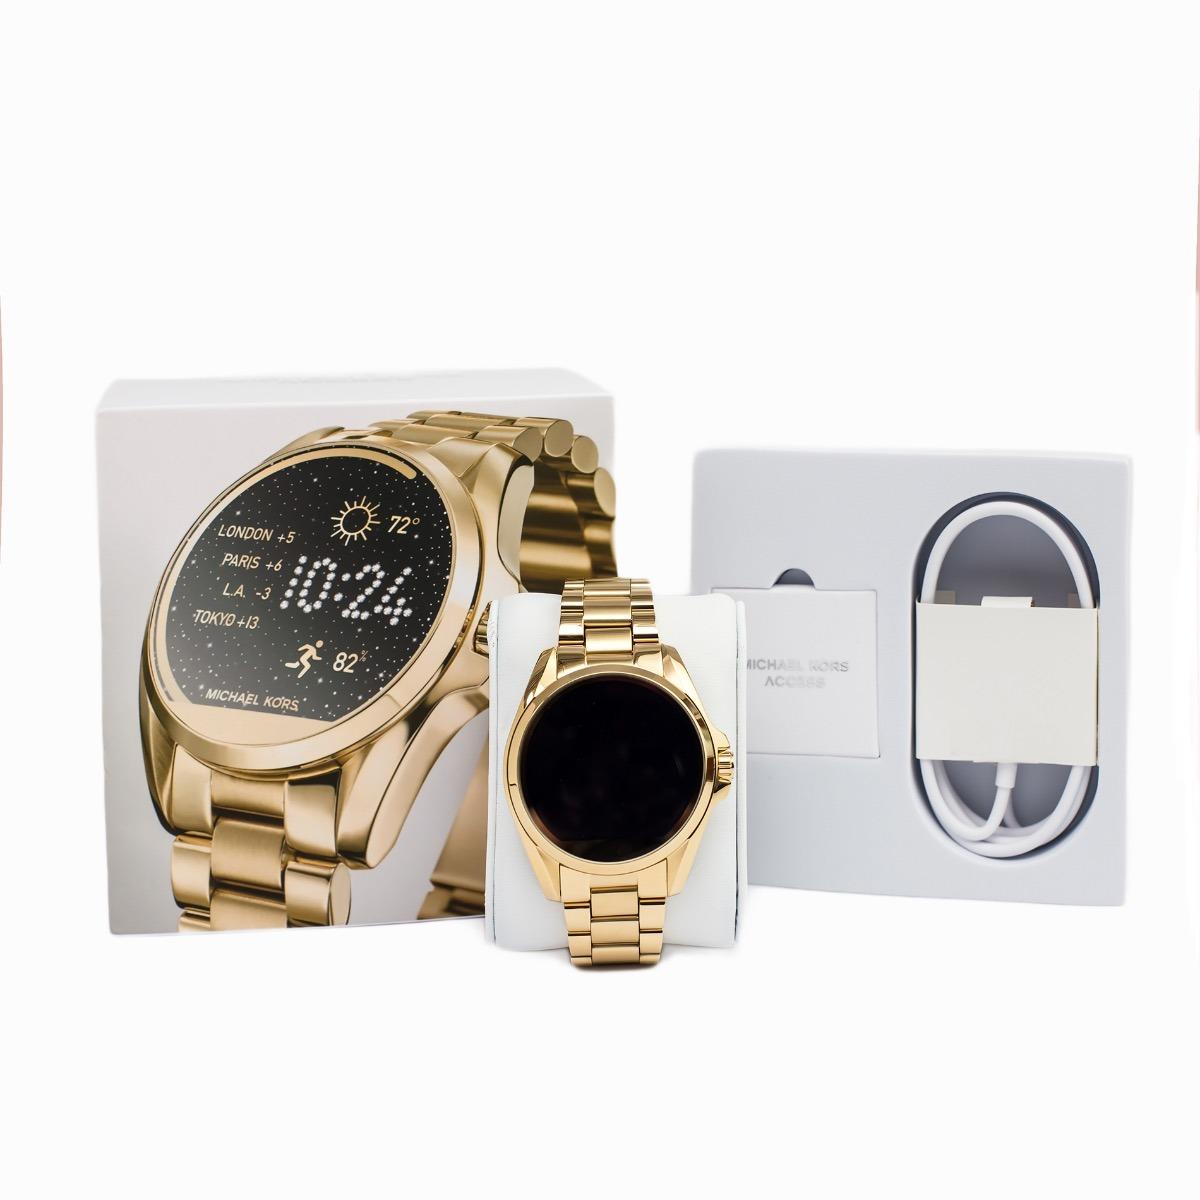 c702214c3fb relógio feminino michael kors touch smartwatch dourado eua. Carregando zoom.